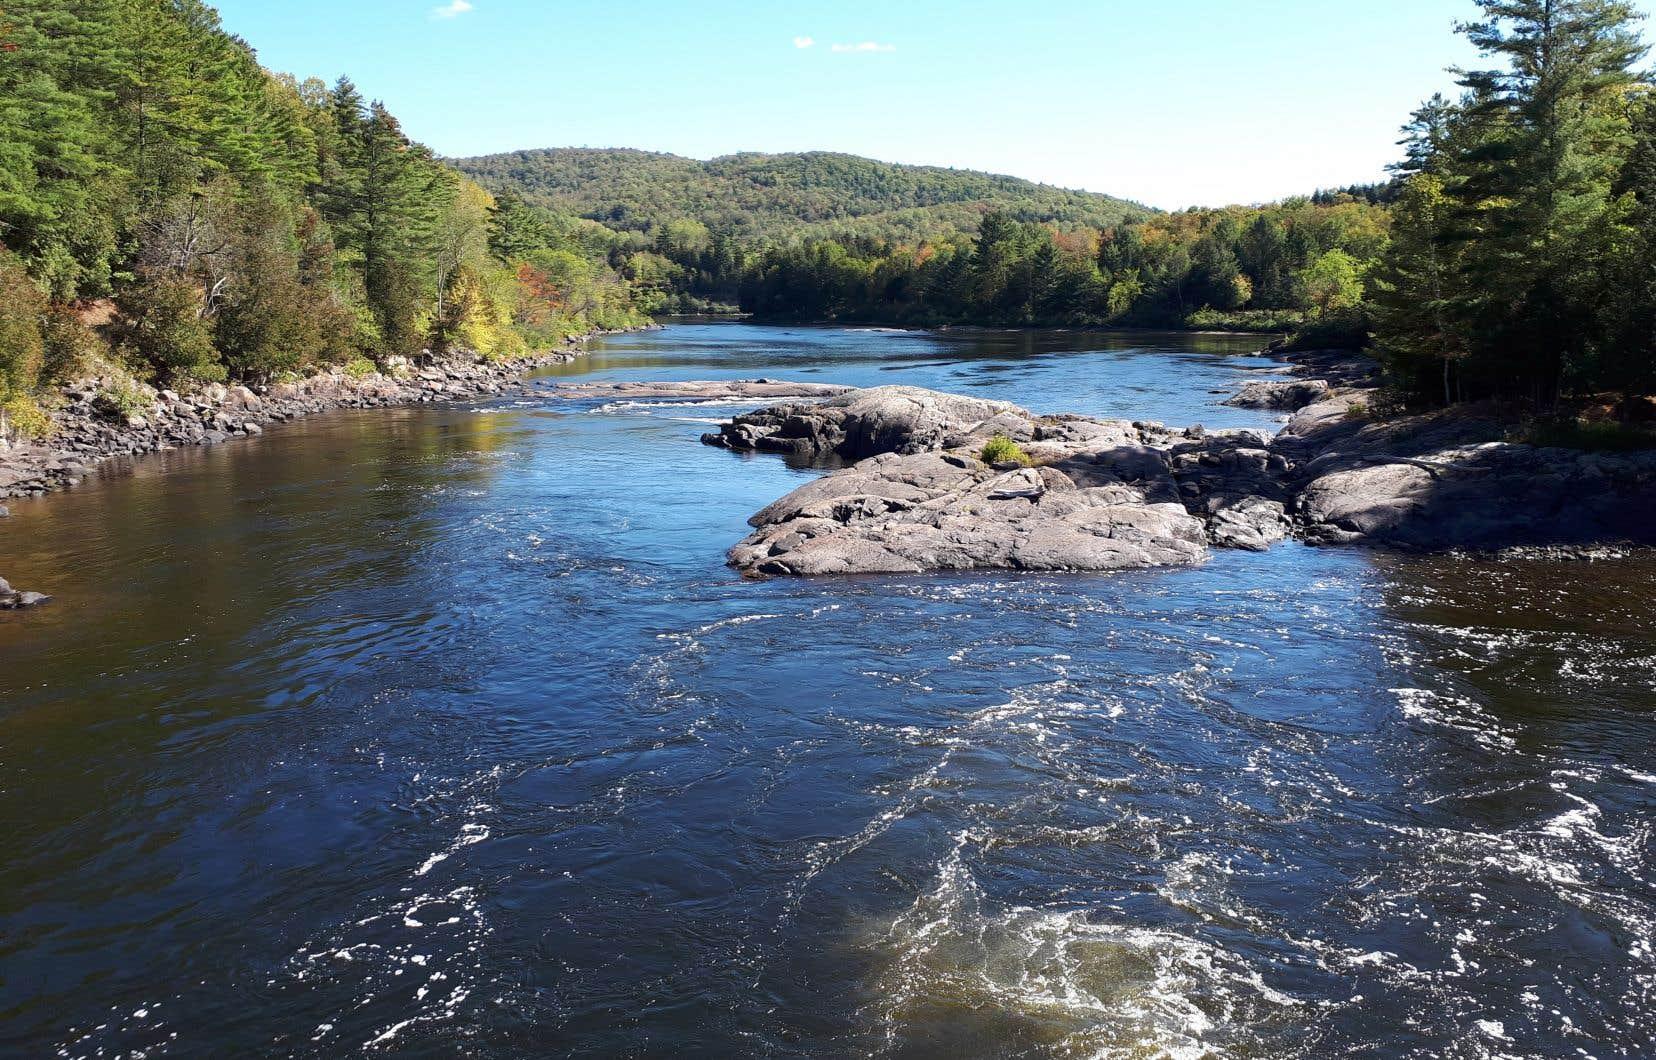 «Si le Québec exportait 10% de son eau douce renouvelable et touchait en redevances 10% du prix actuel de l'eau dessalée, le gouvernement encaisserait 6,5 milliards par année», selon l'auteur.